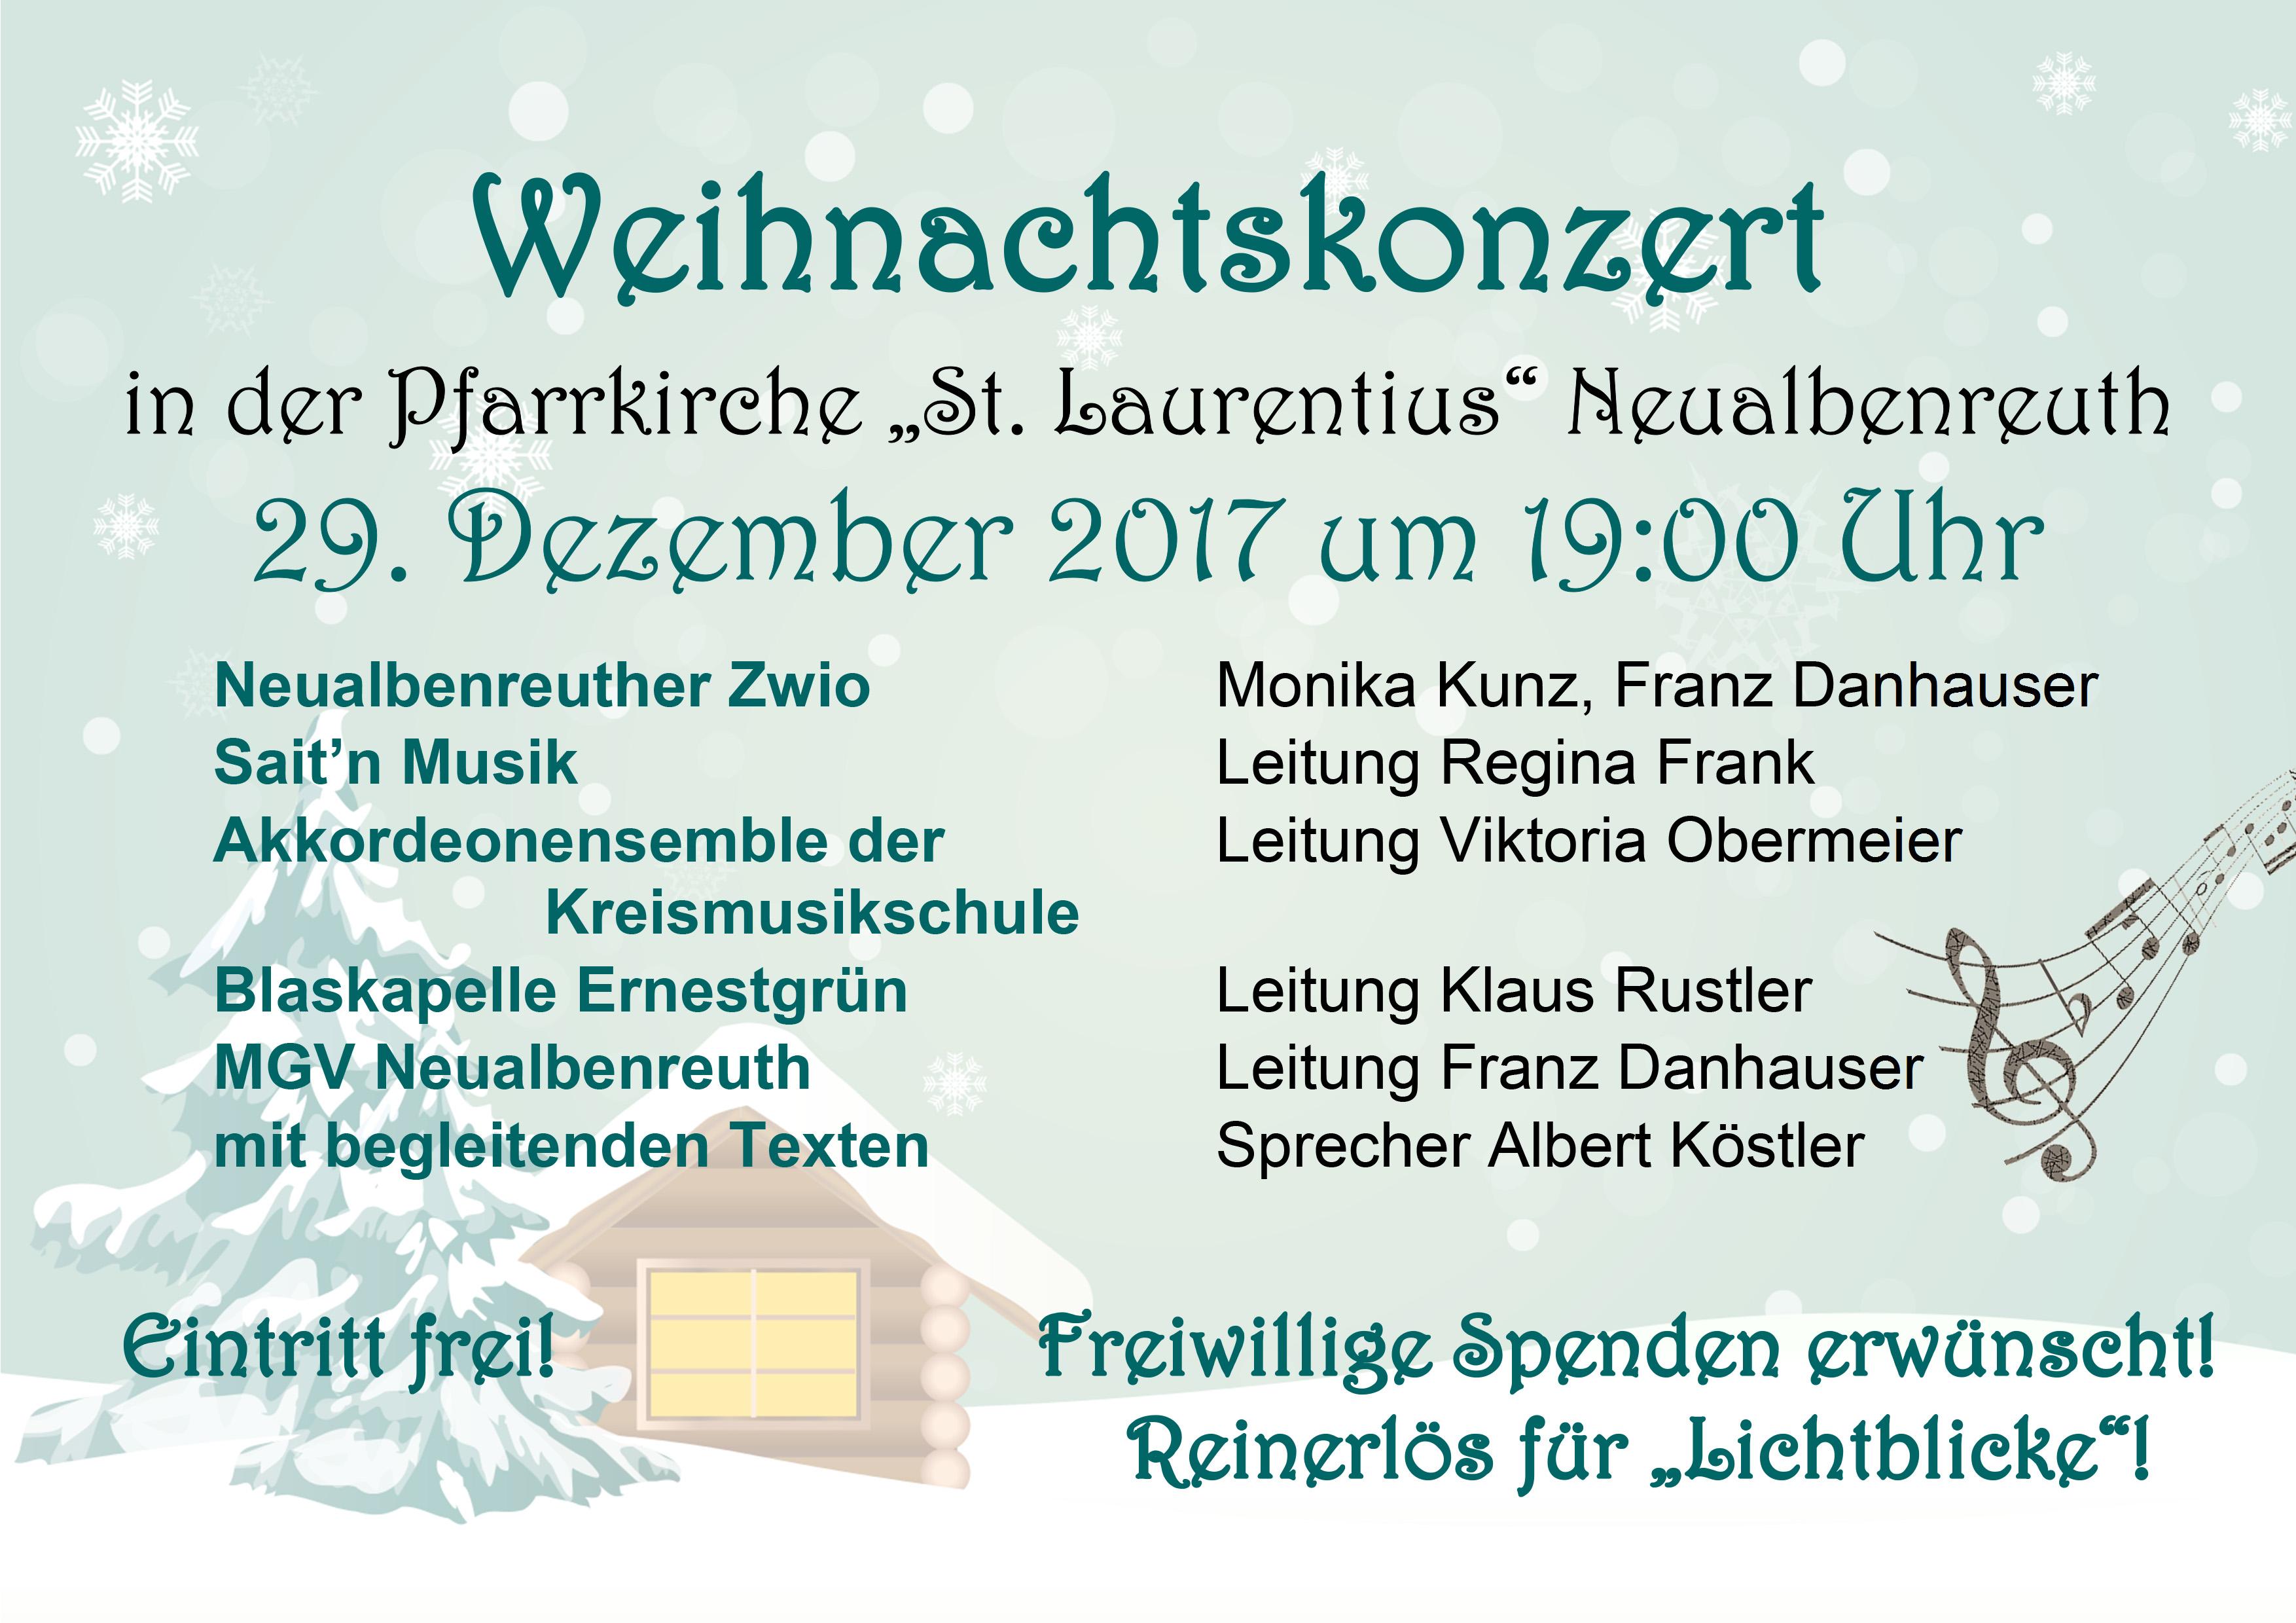 Microsoft Word - 2017-12-29 Weihnachtskonzert.docx